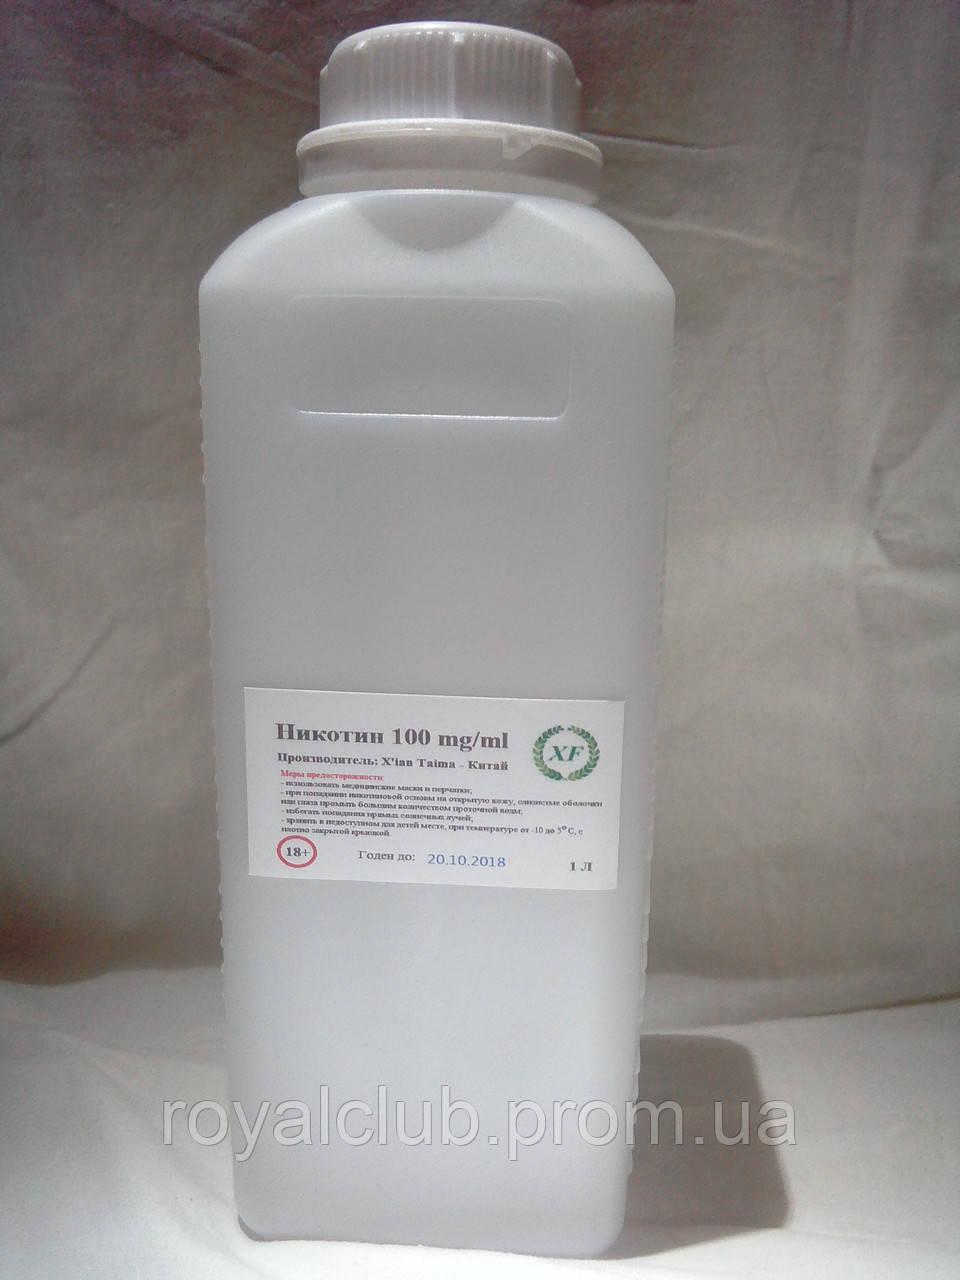 Никотин Xian 100 mg/ml. Шанхайская сотка 1 Л - VAPE SHOP ROYAL в Житомирской области